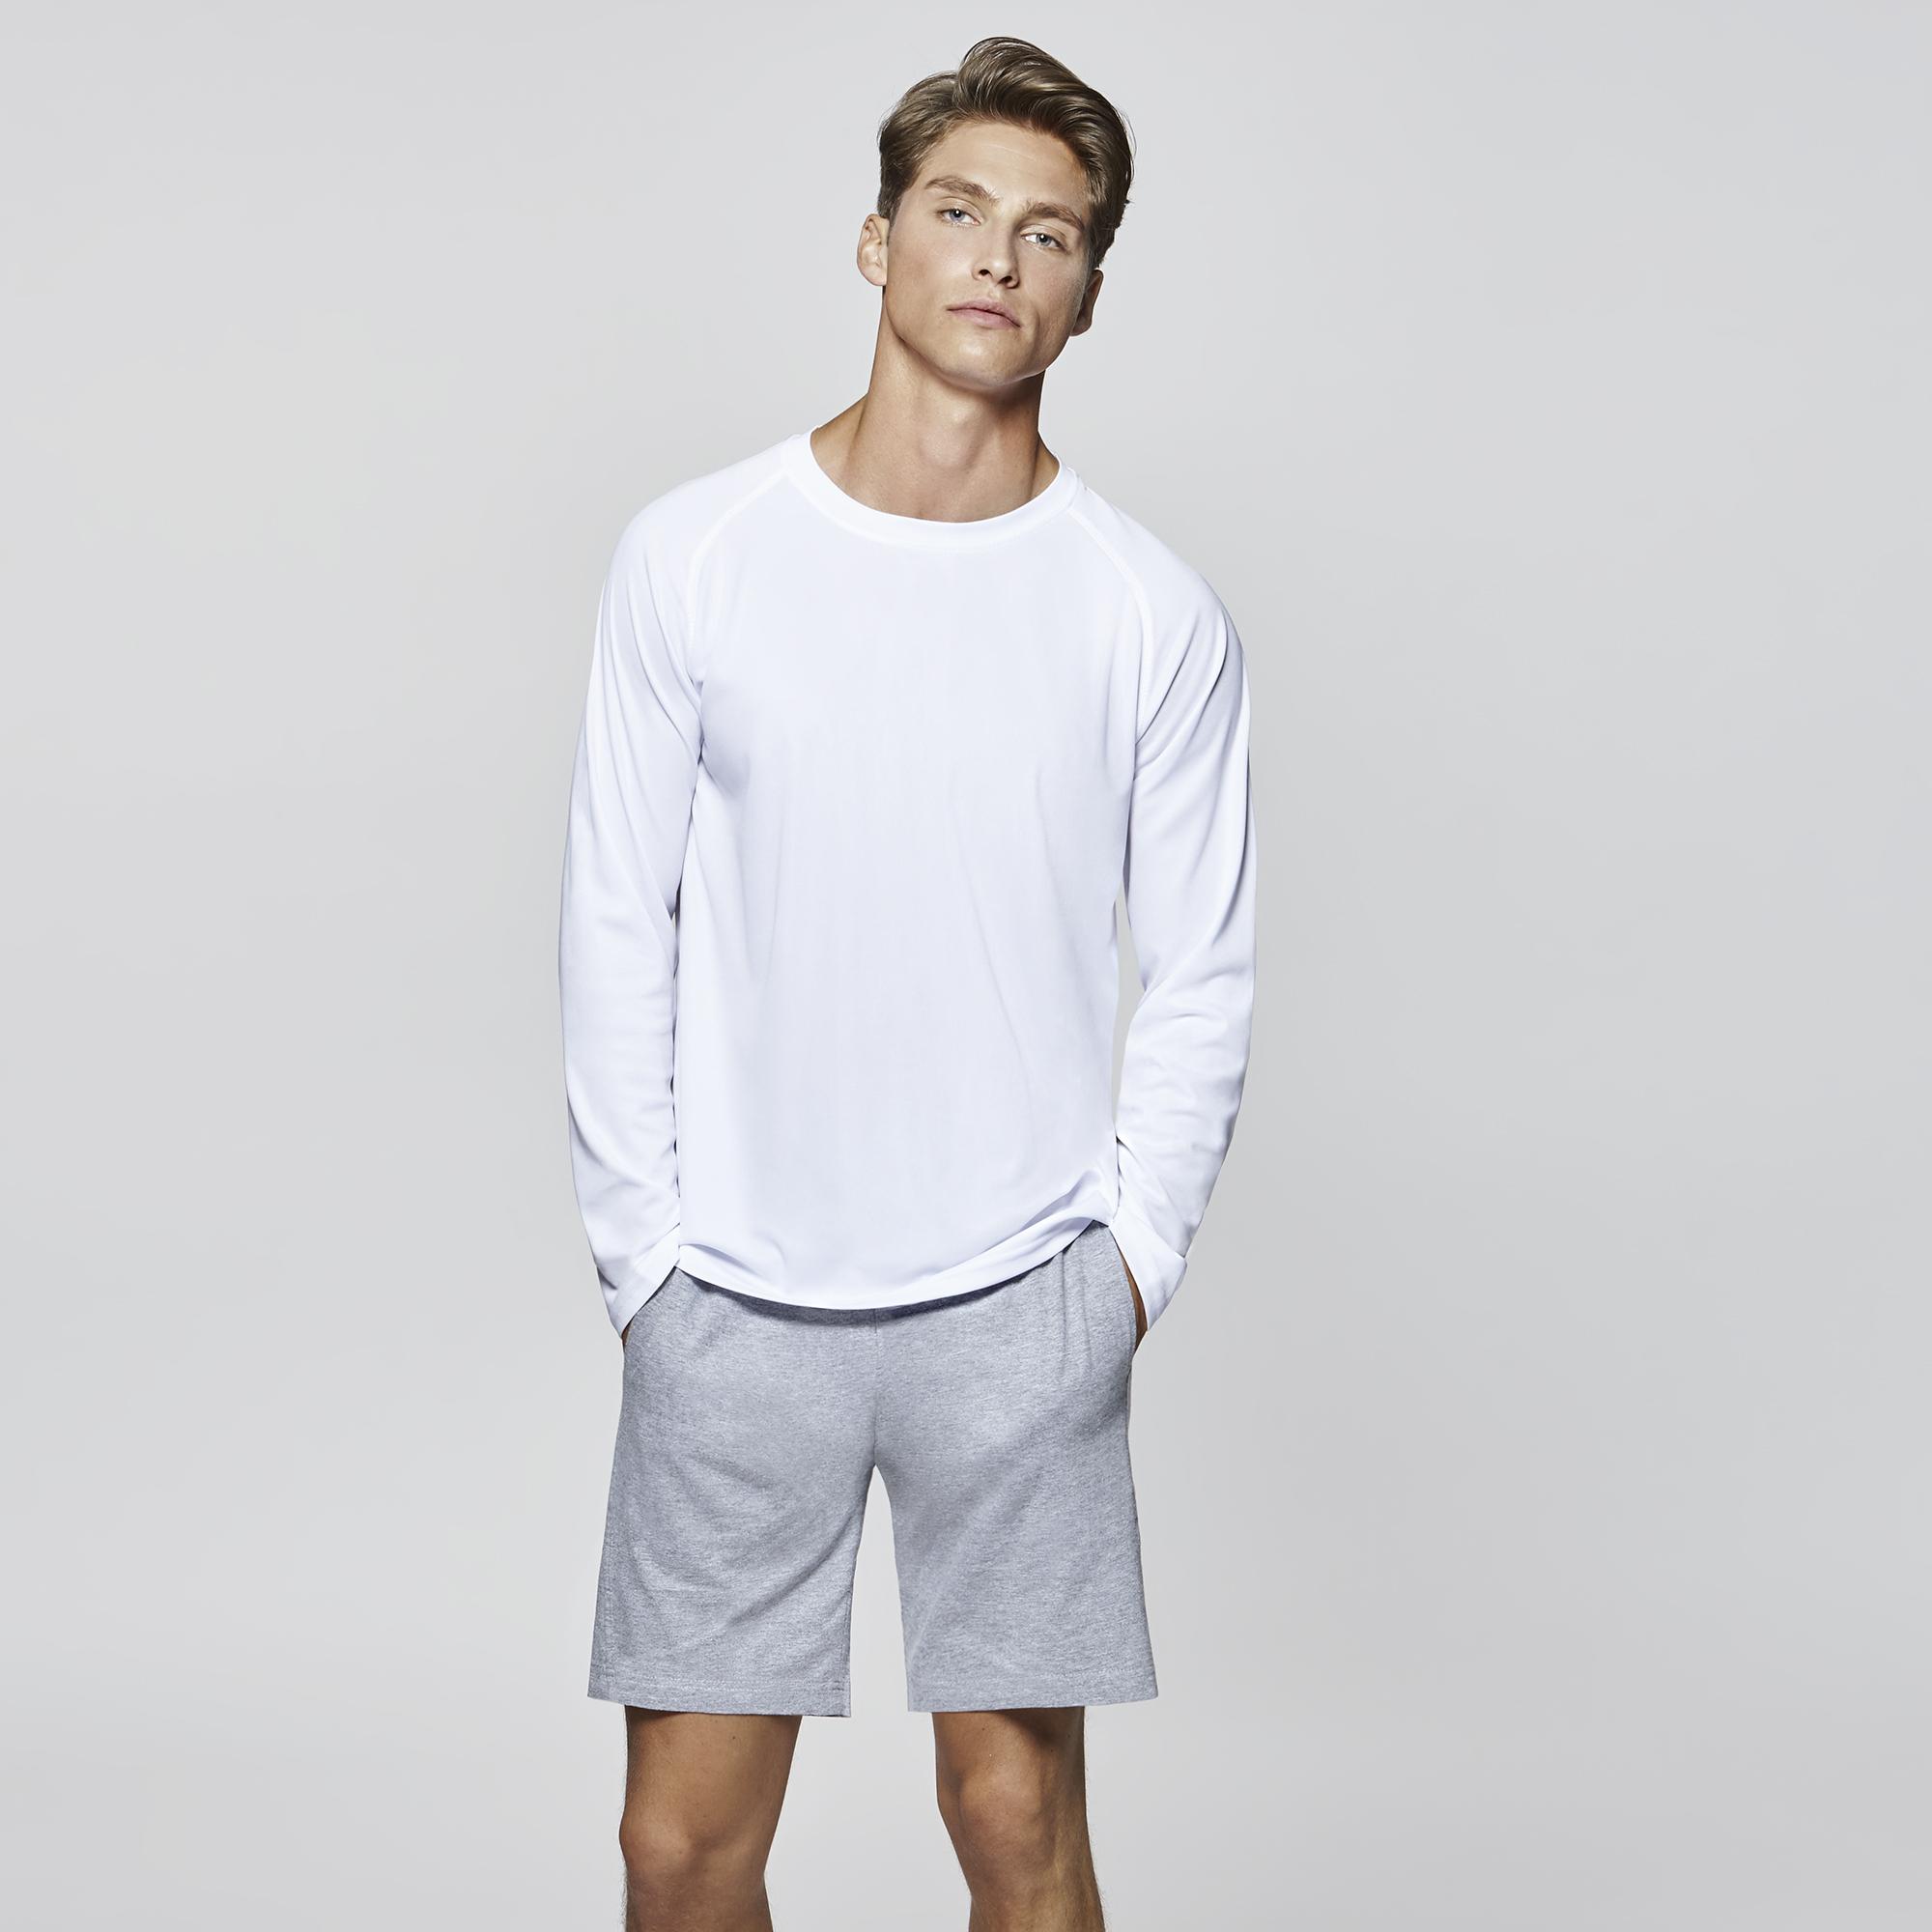 Camiseta manga larga ROLY Montecarlo